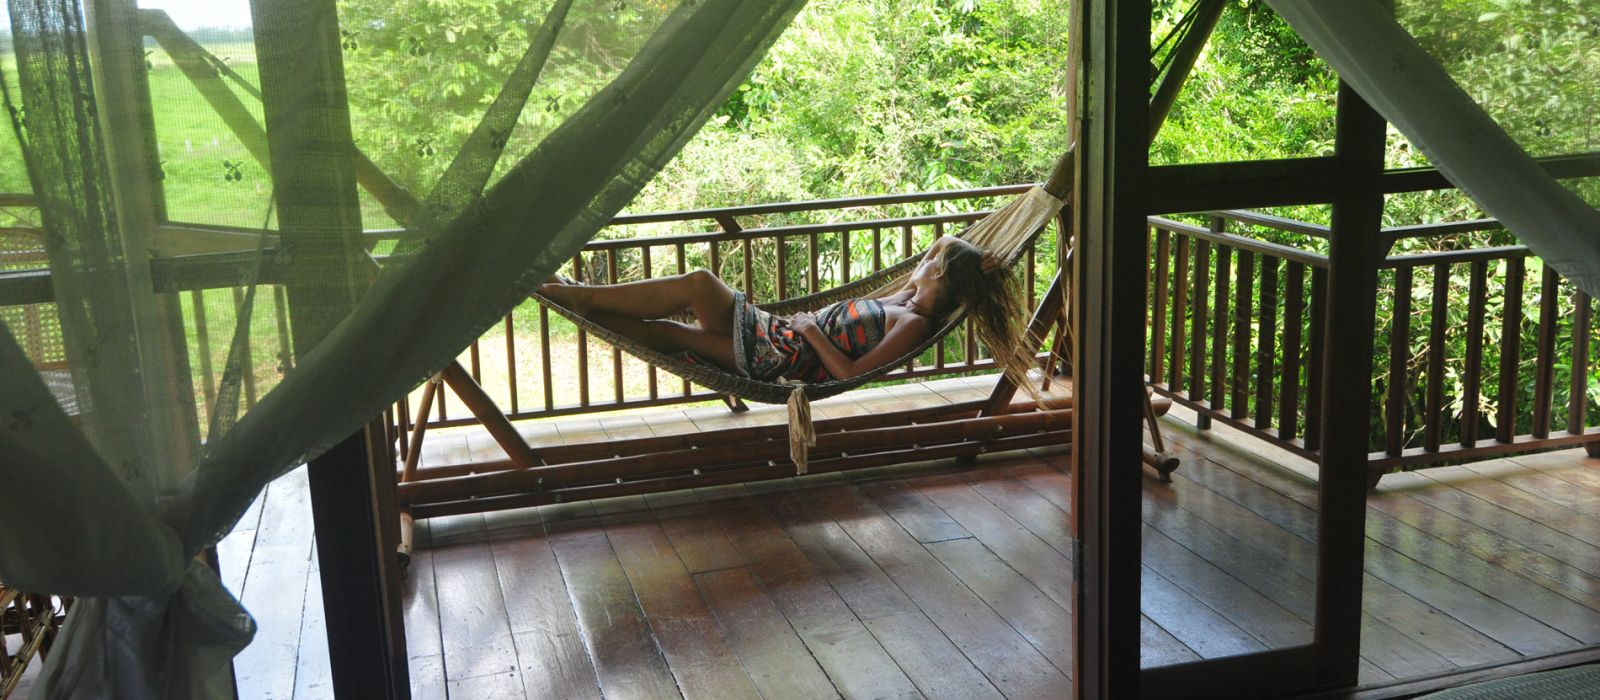 Hotel Kingfisher Ecolodge Laos